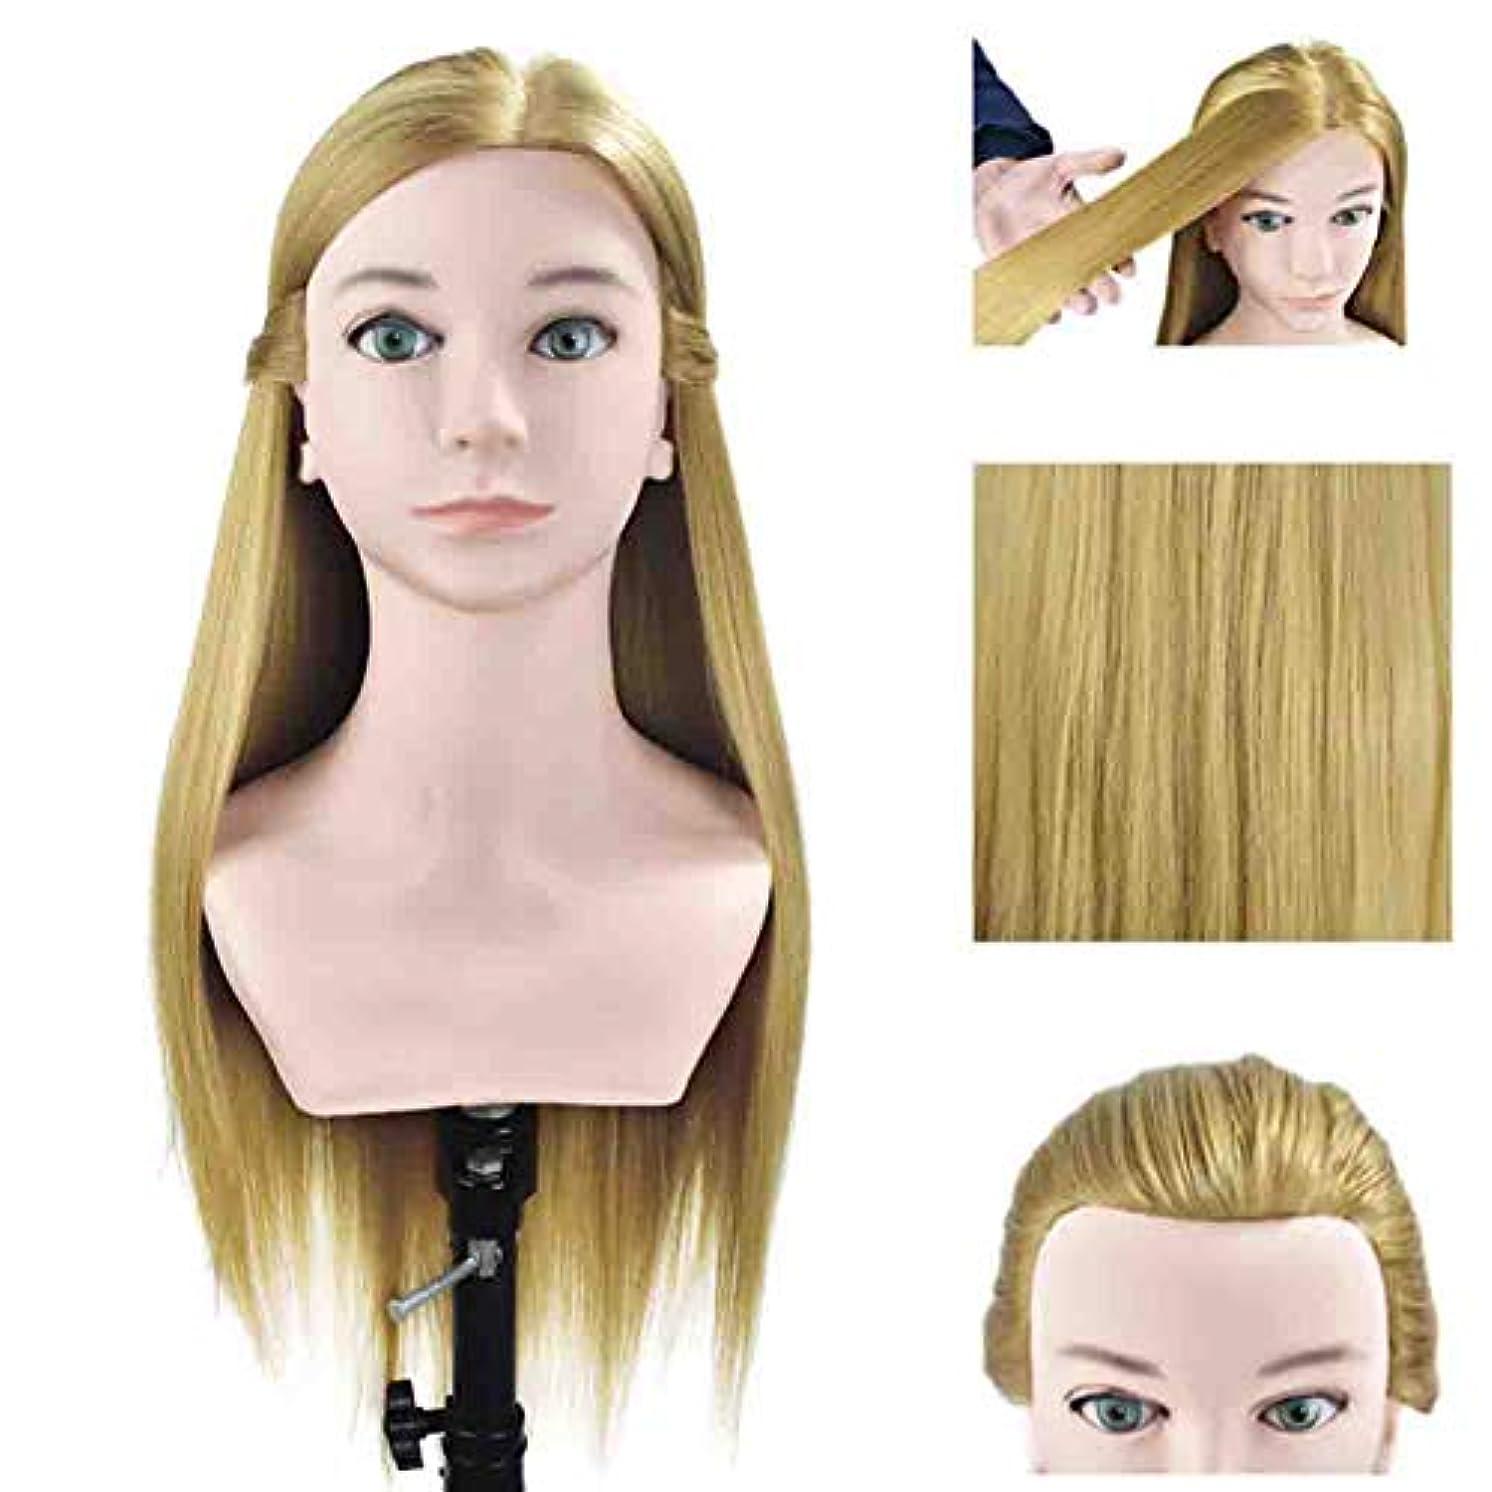 意外真似る薬局理髪店パーマ髪染め練習かつらヘッドモデルリアルヘアマネキンヘッド化粧散髪練習ダミーヘッド